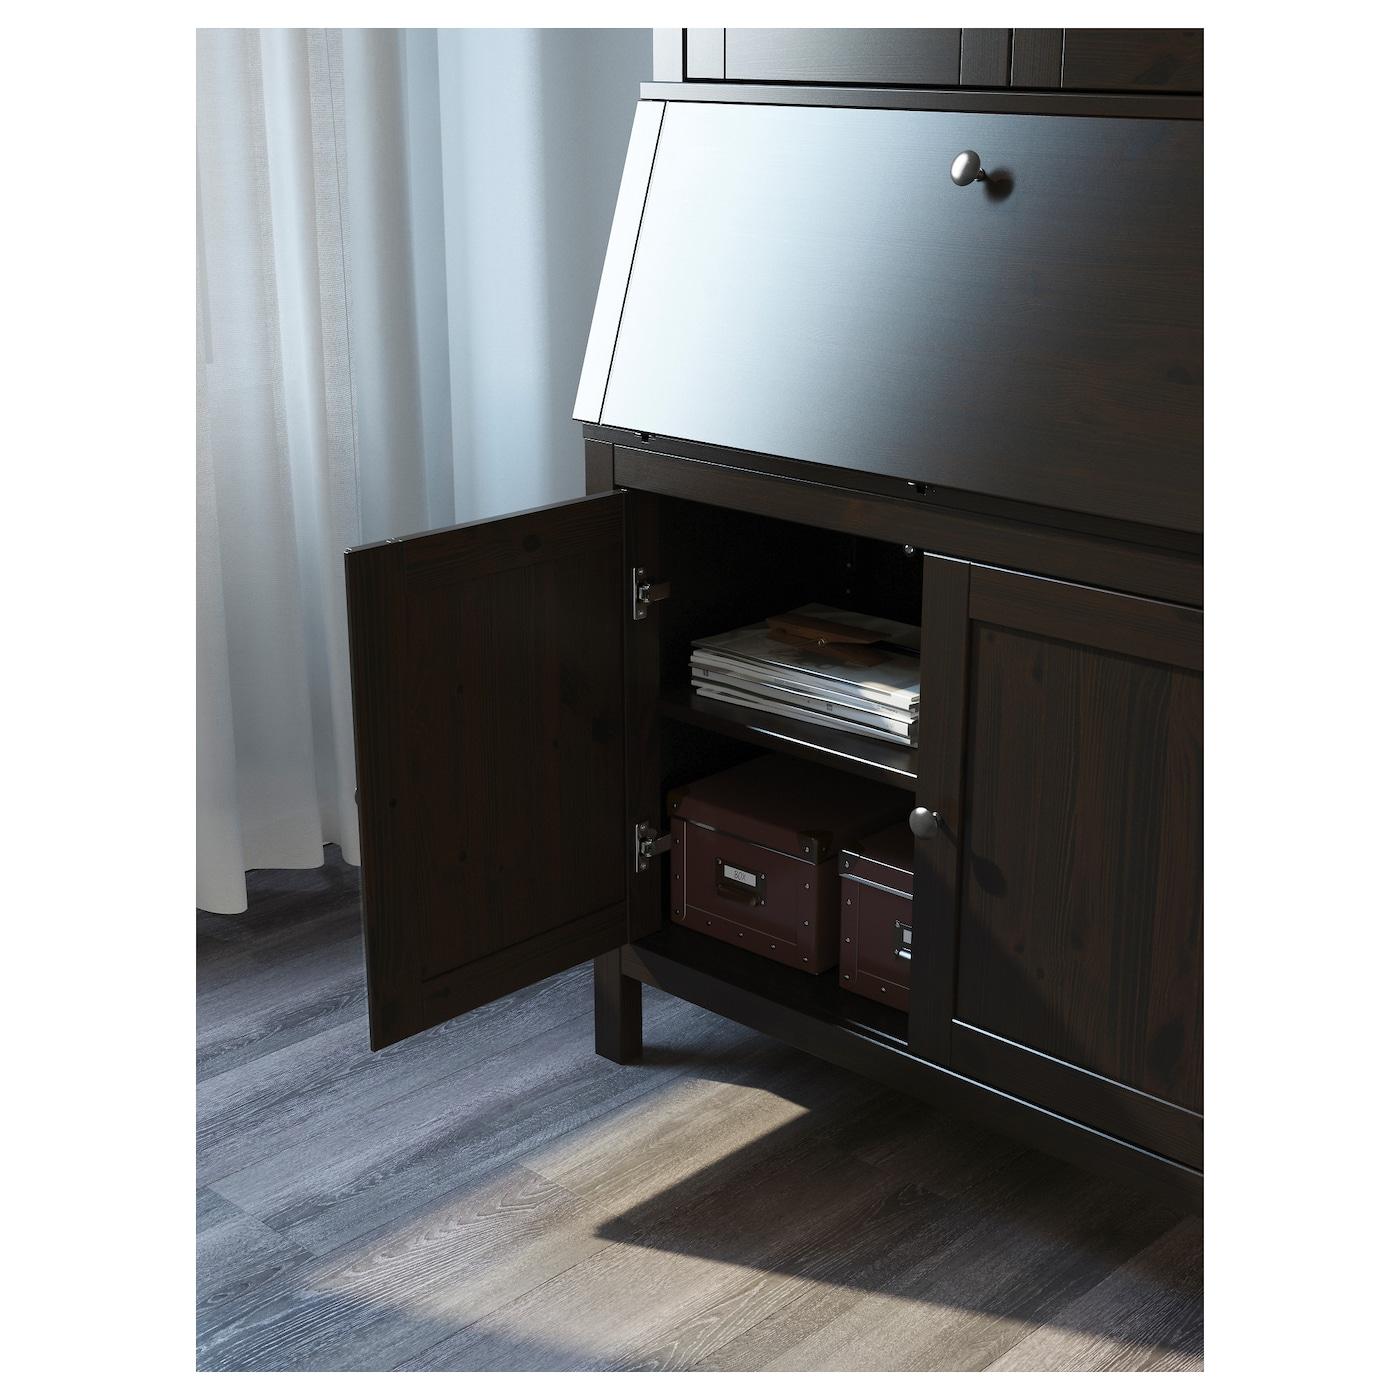 hemnes secretaire met opbouwdeel zwartbruin 89 x 198 cm ikea. Black Bedroom Furniture Sets. Home Design Ideas